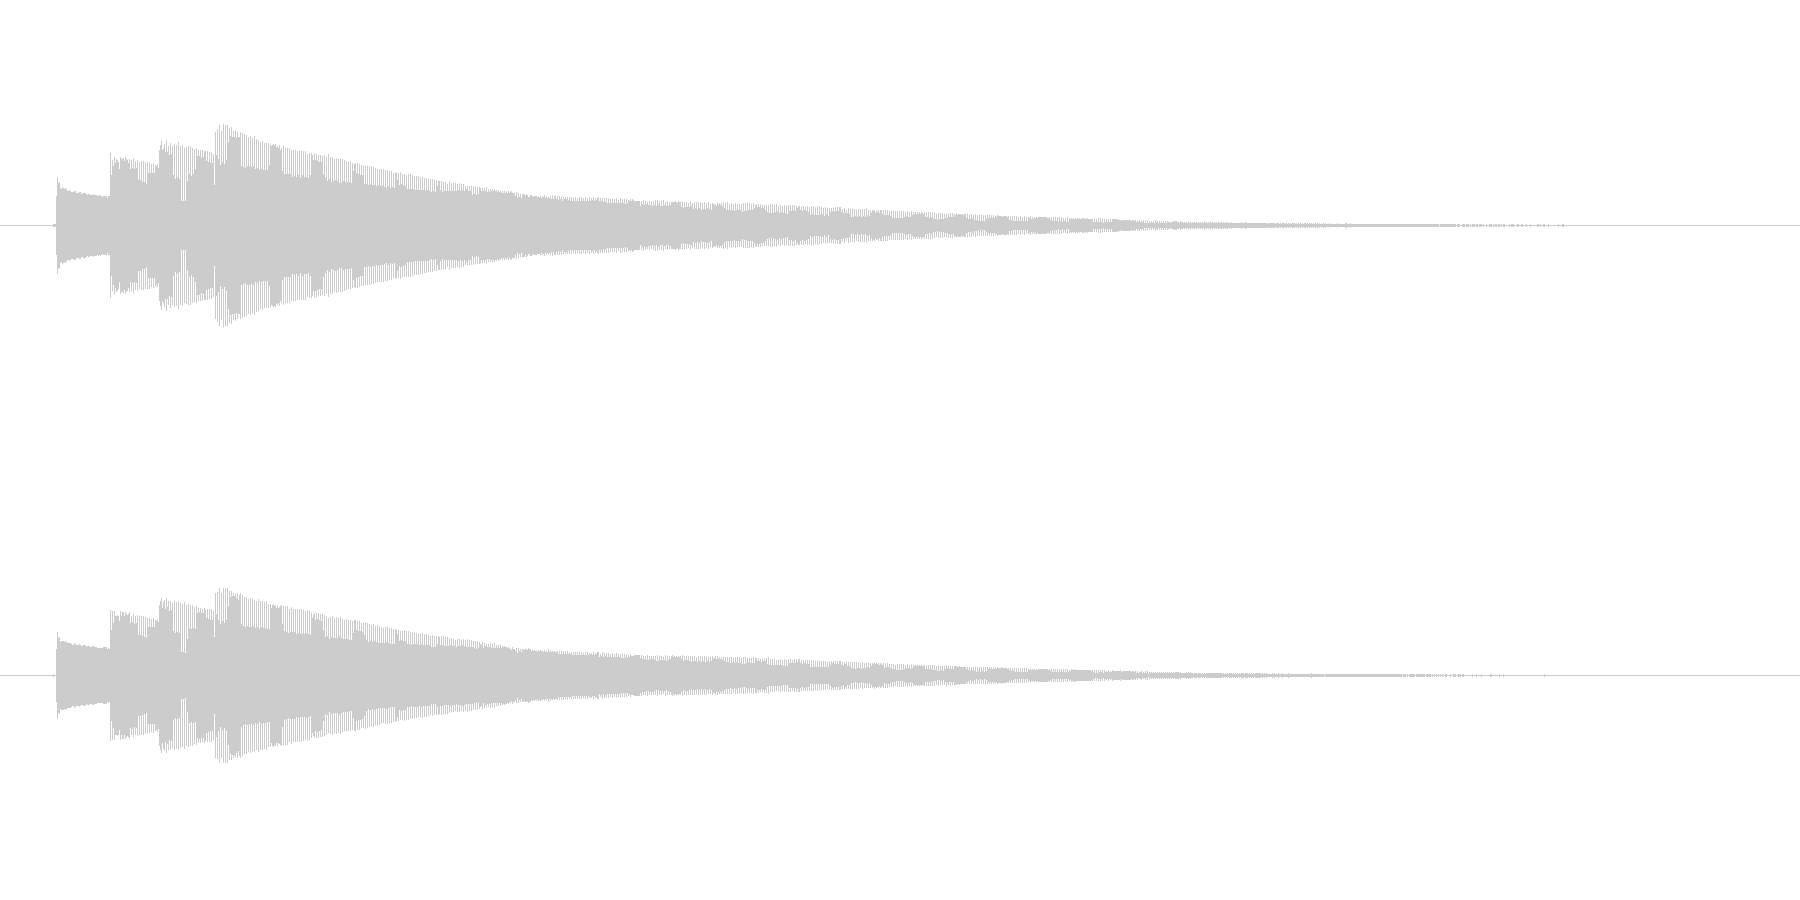 終わりピンポンパンポン (早い)の未再生の波形